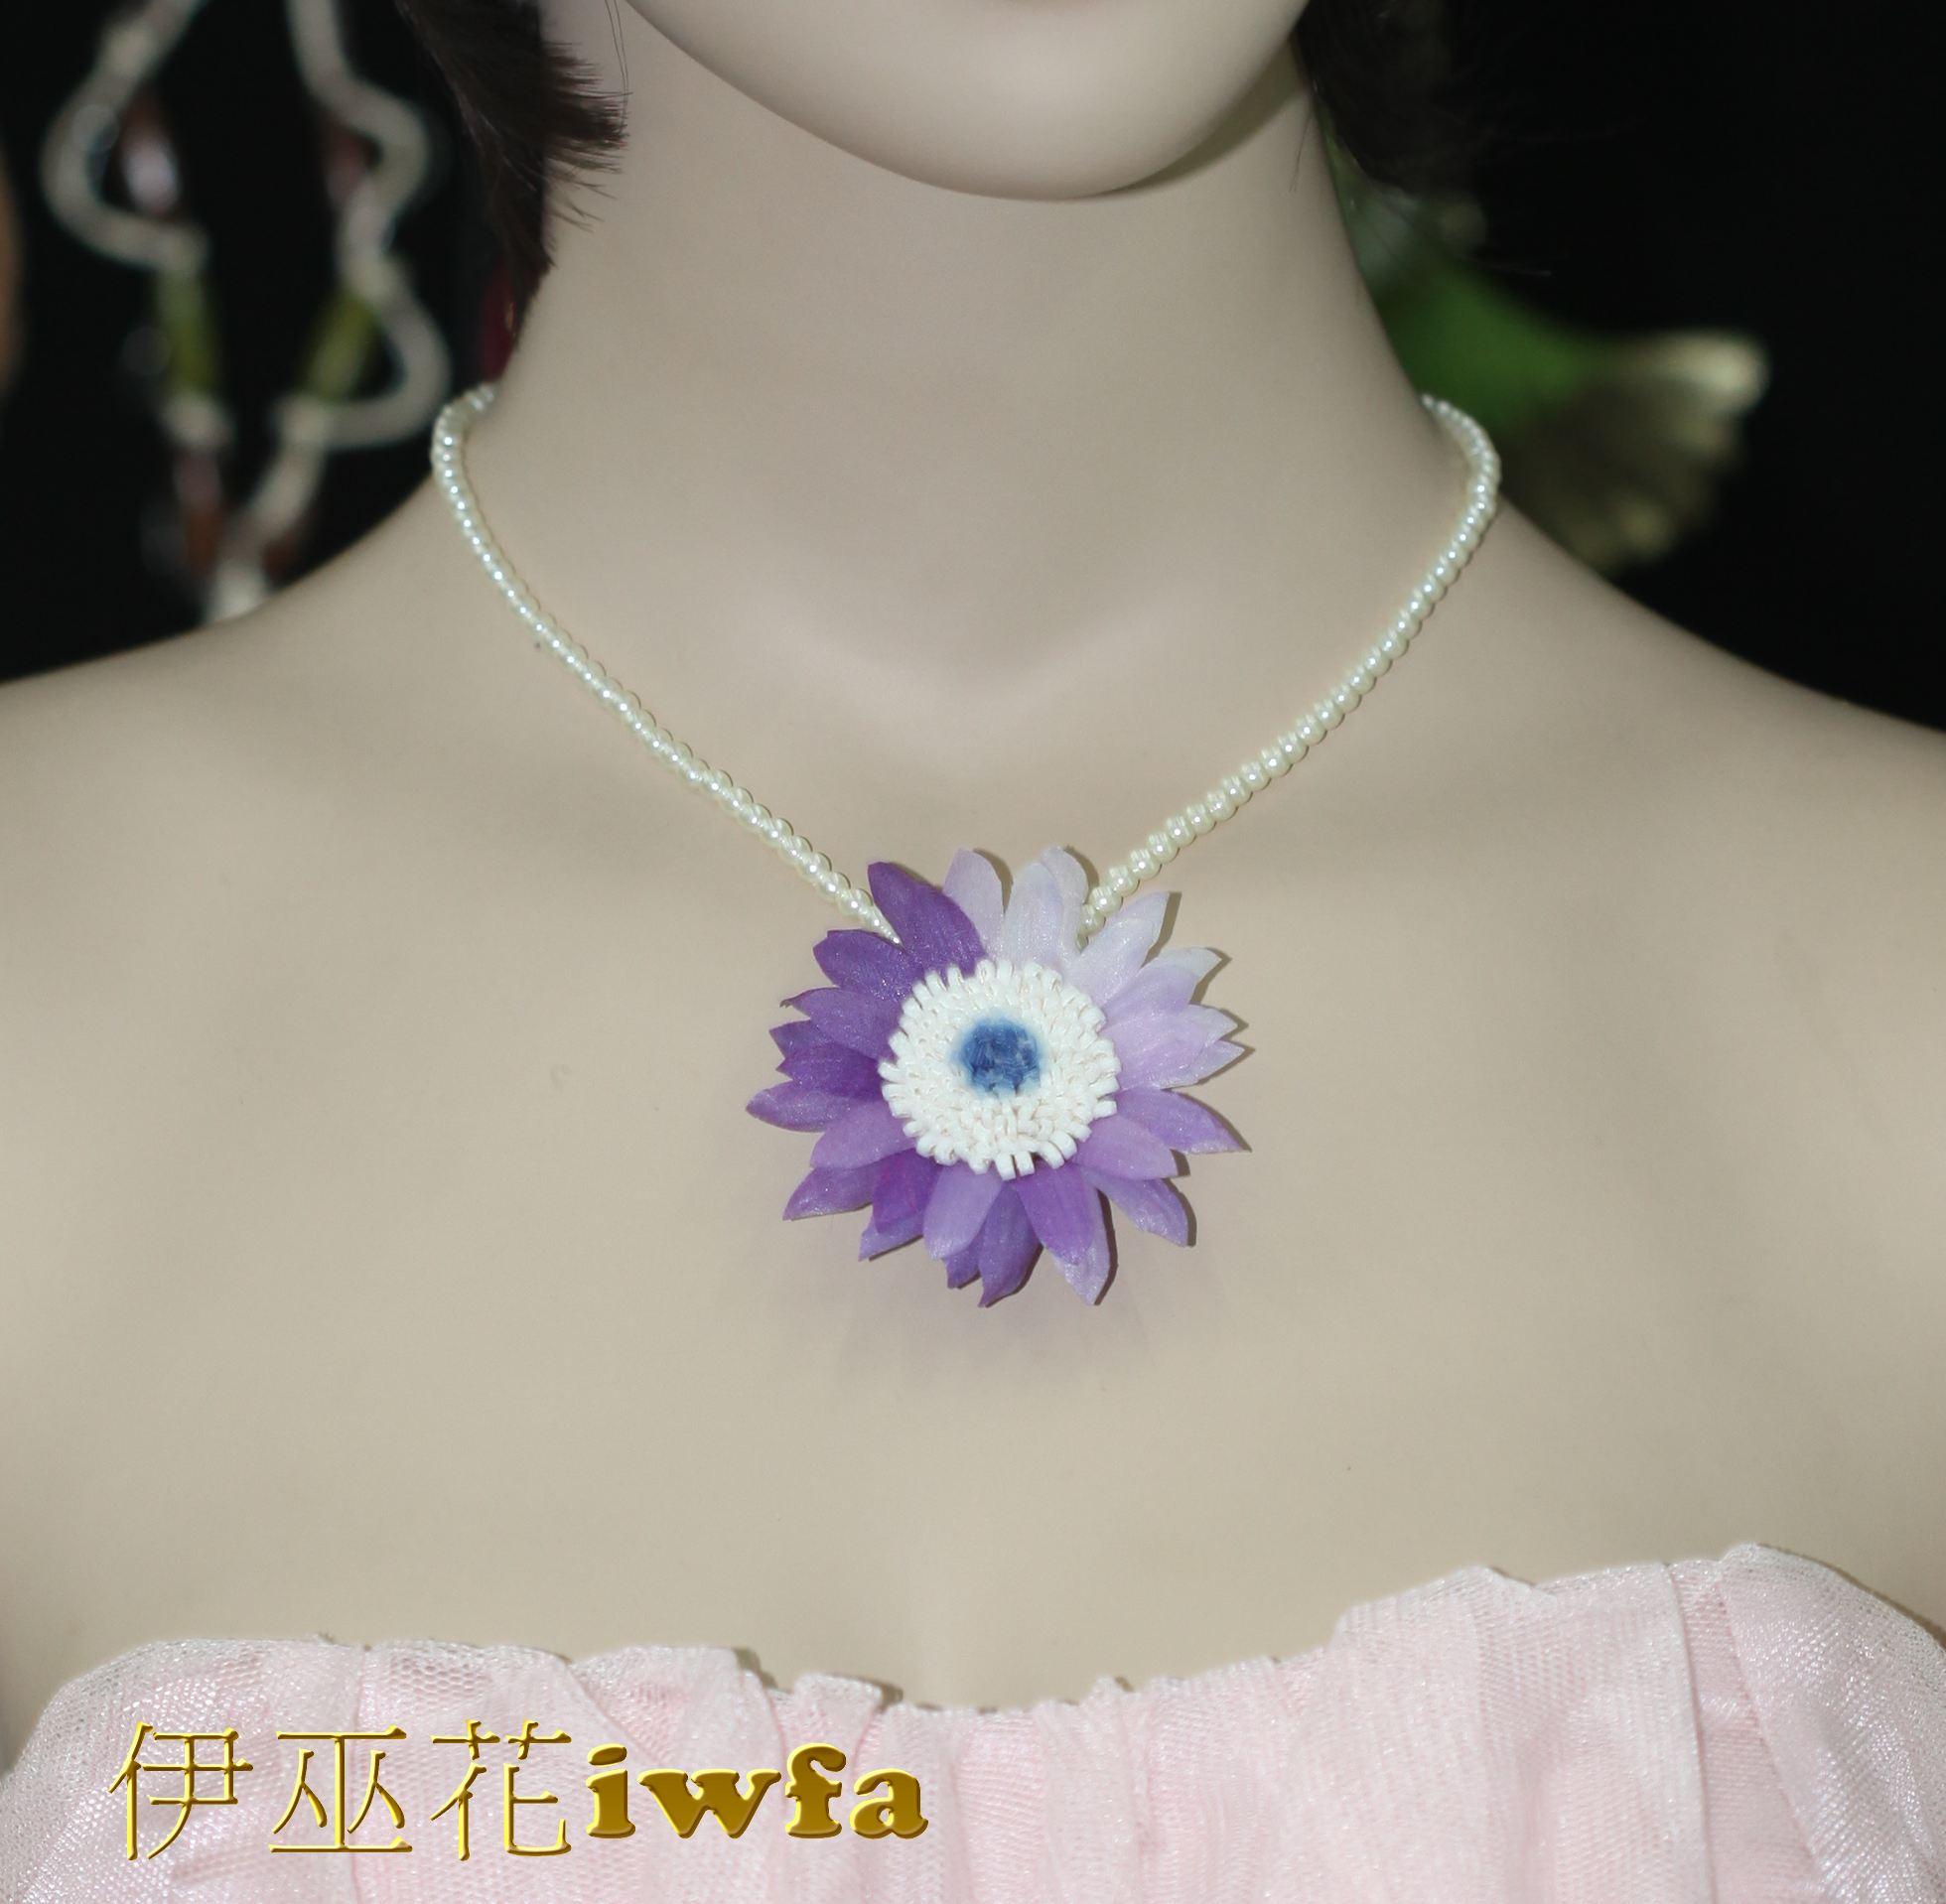 亮珠--活潑的小雛菊-紫色